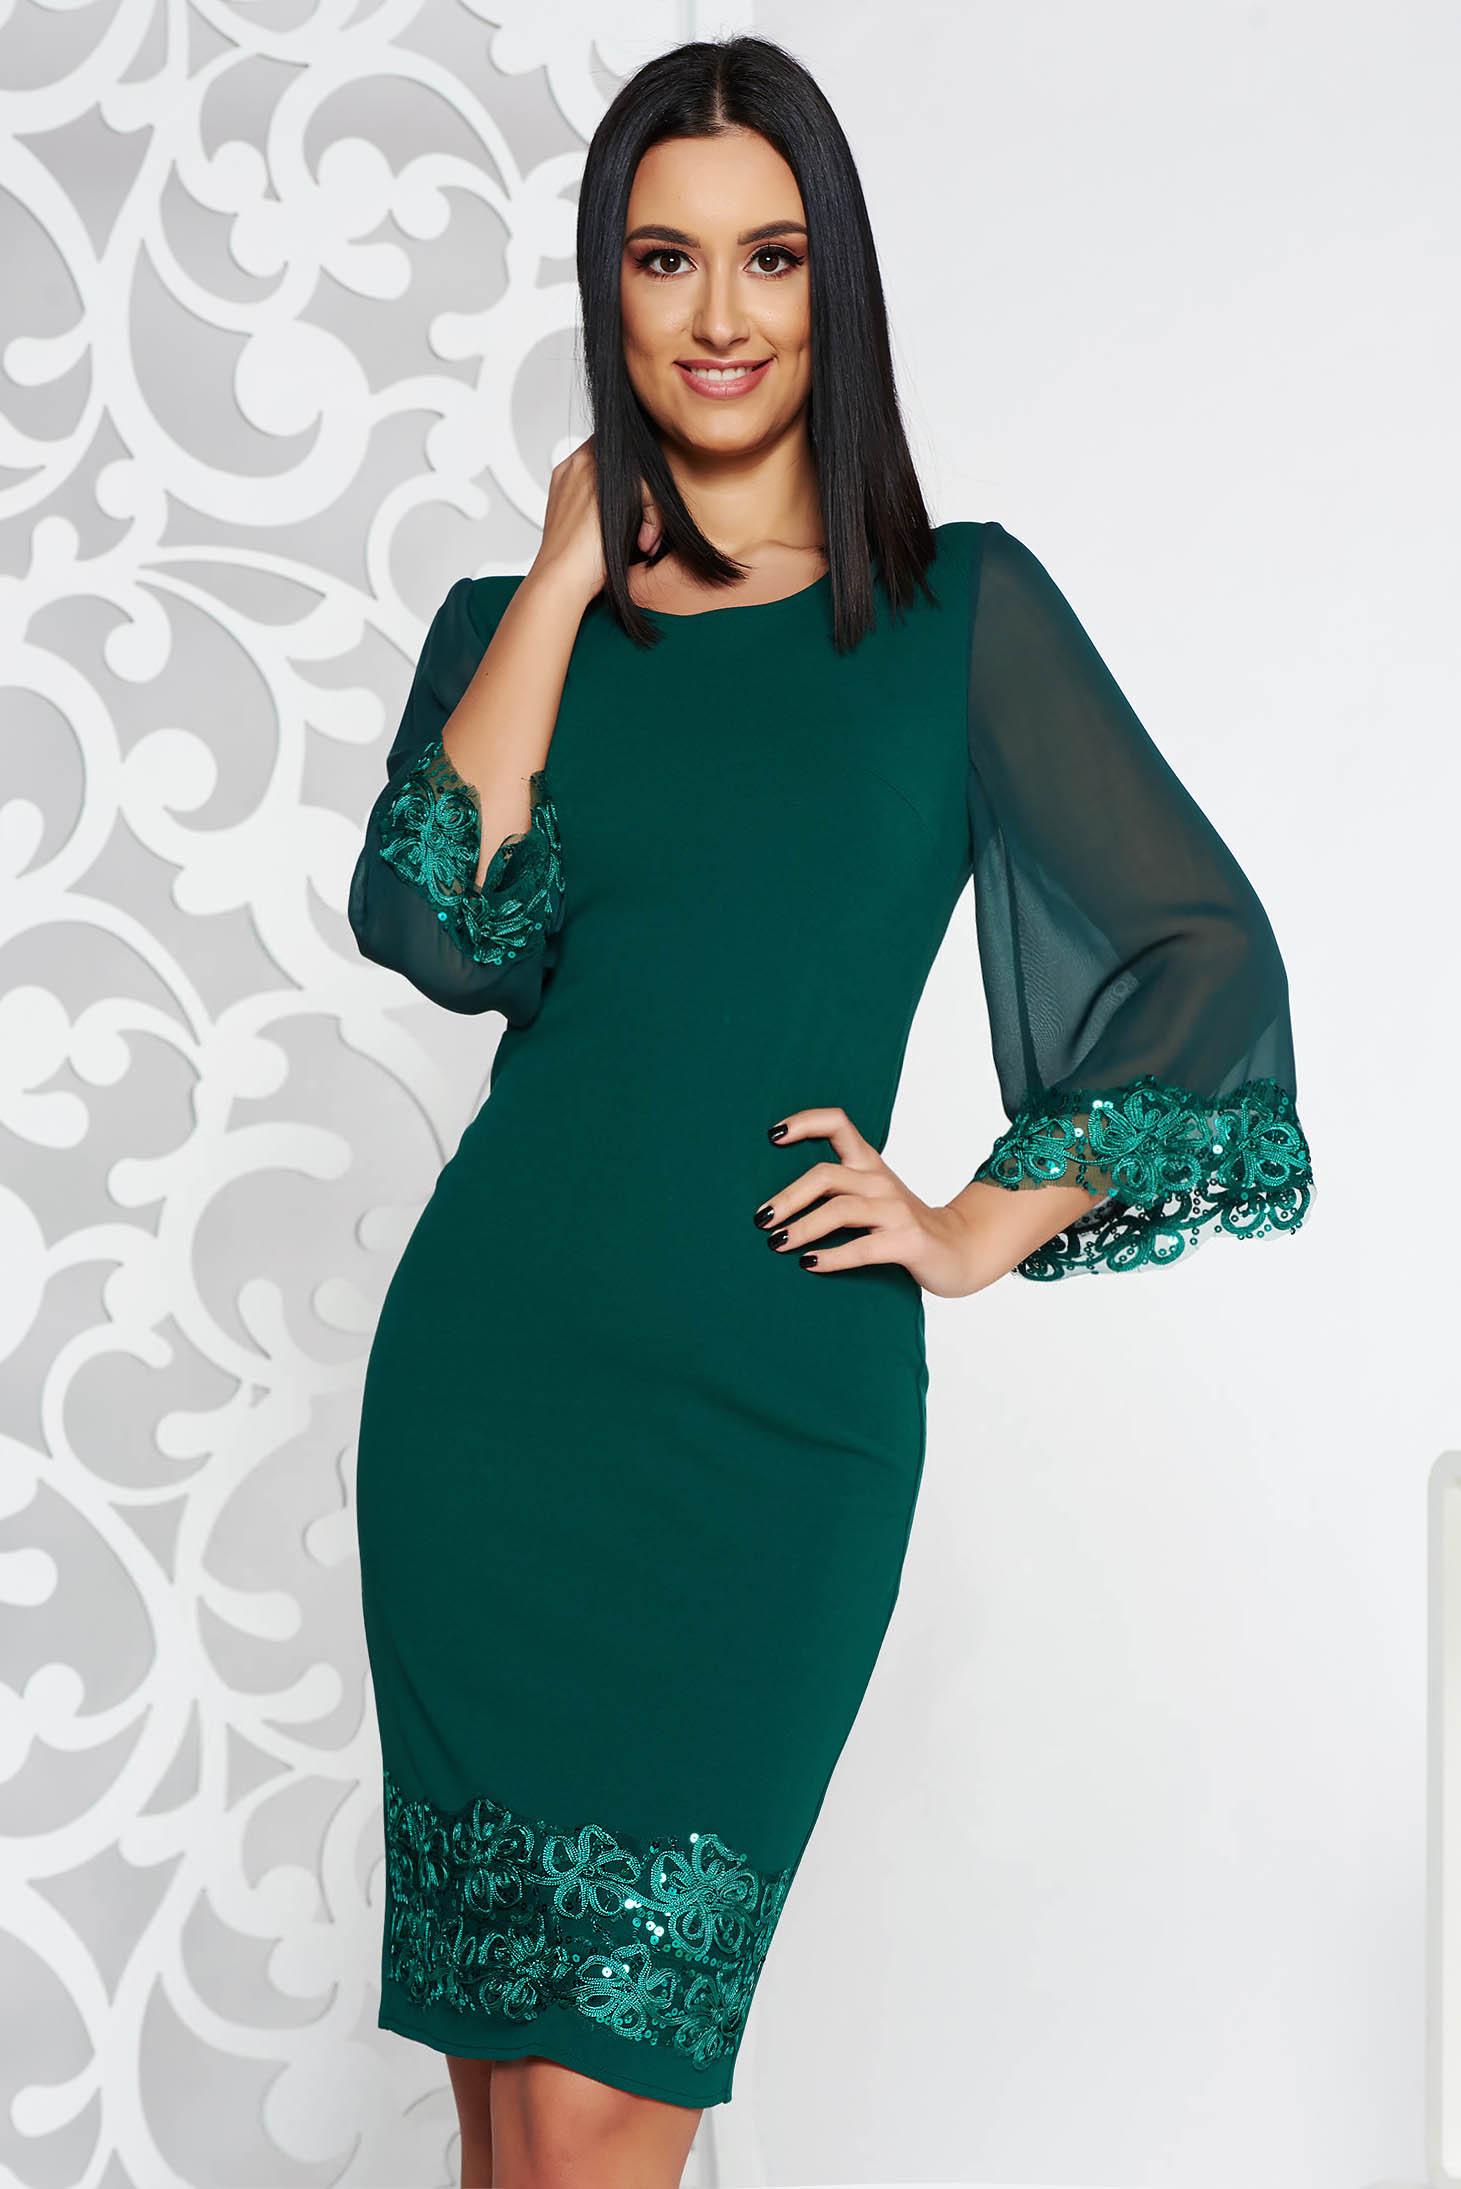 Zöld elegáns midi ceruza ruha flitteres díszítés enyhén rugalmas anyag c333db04c7